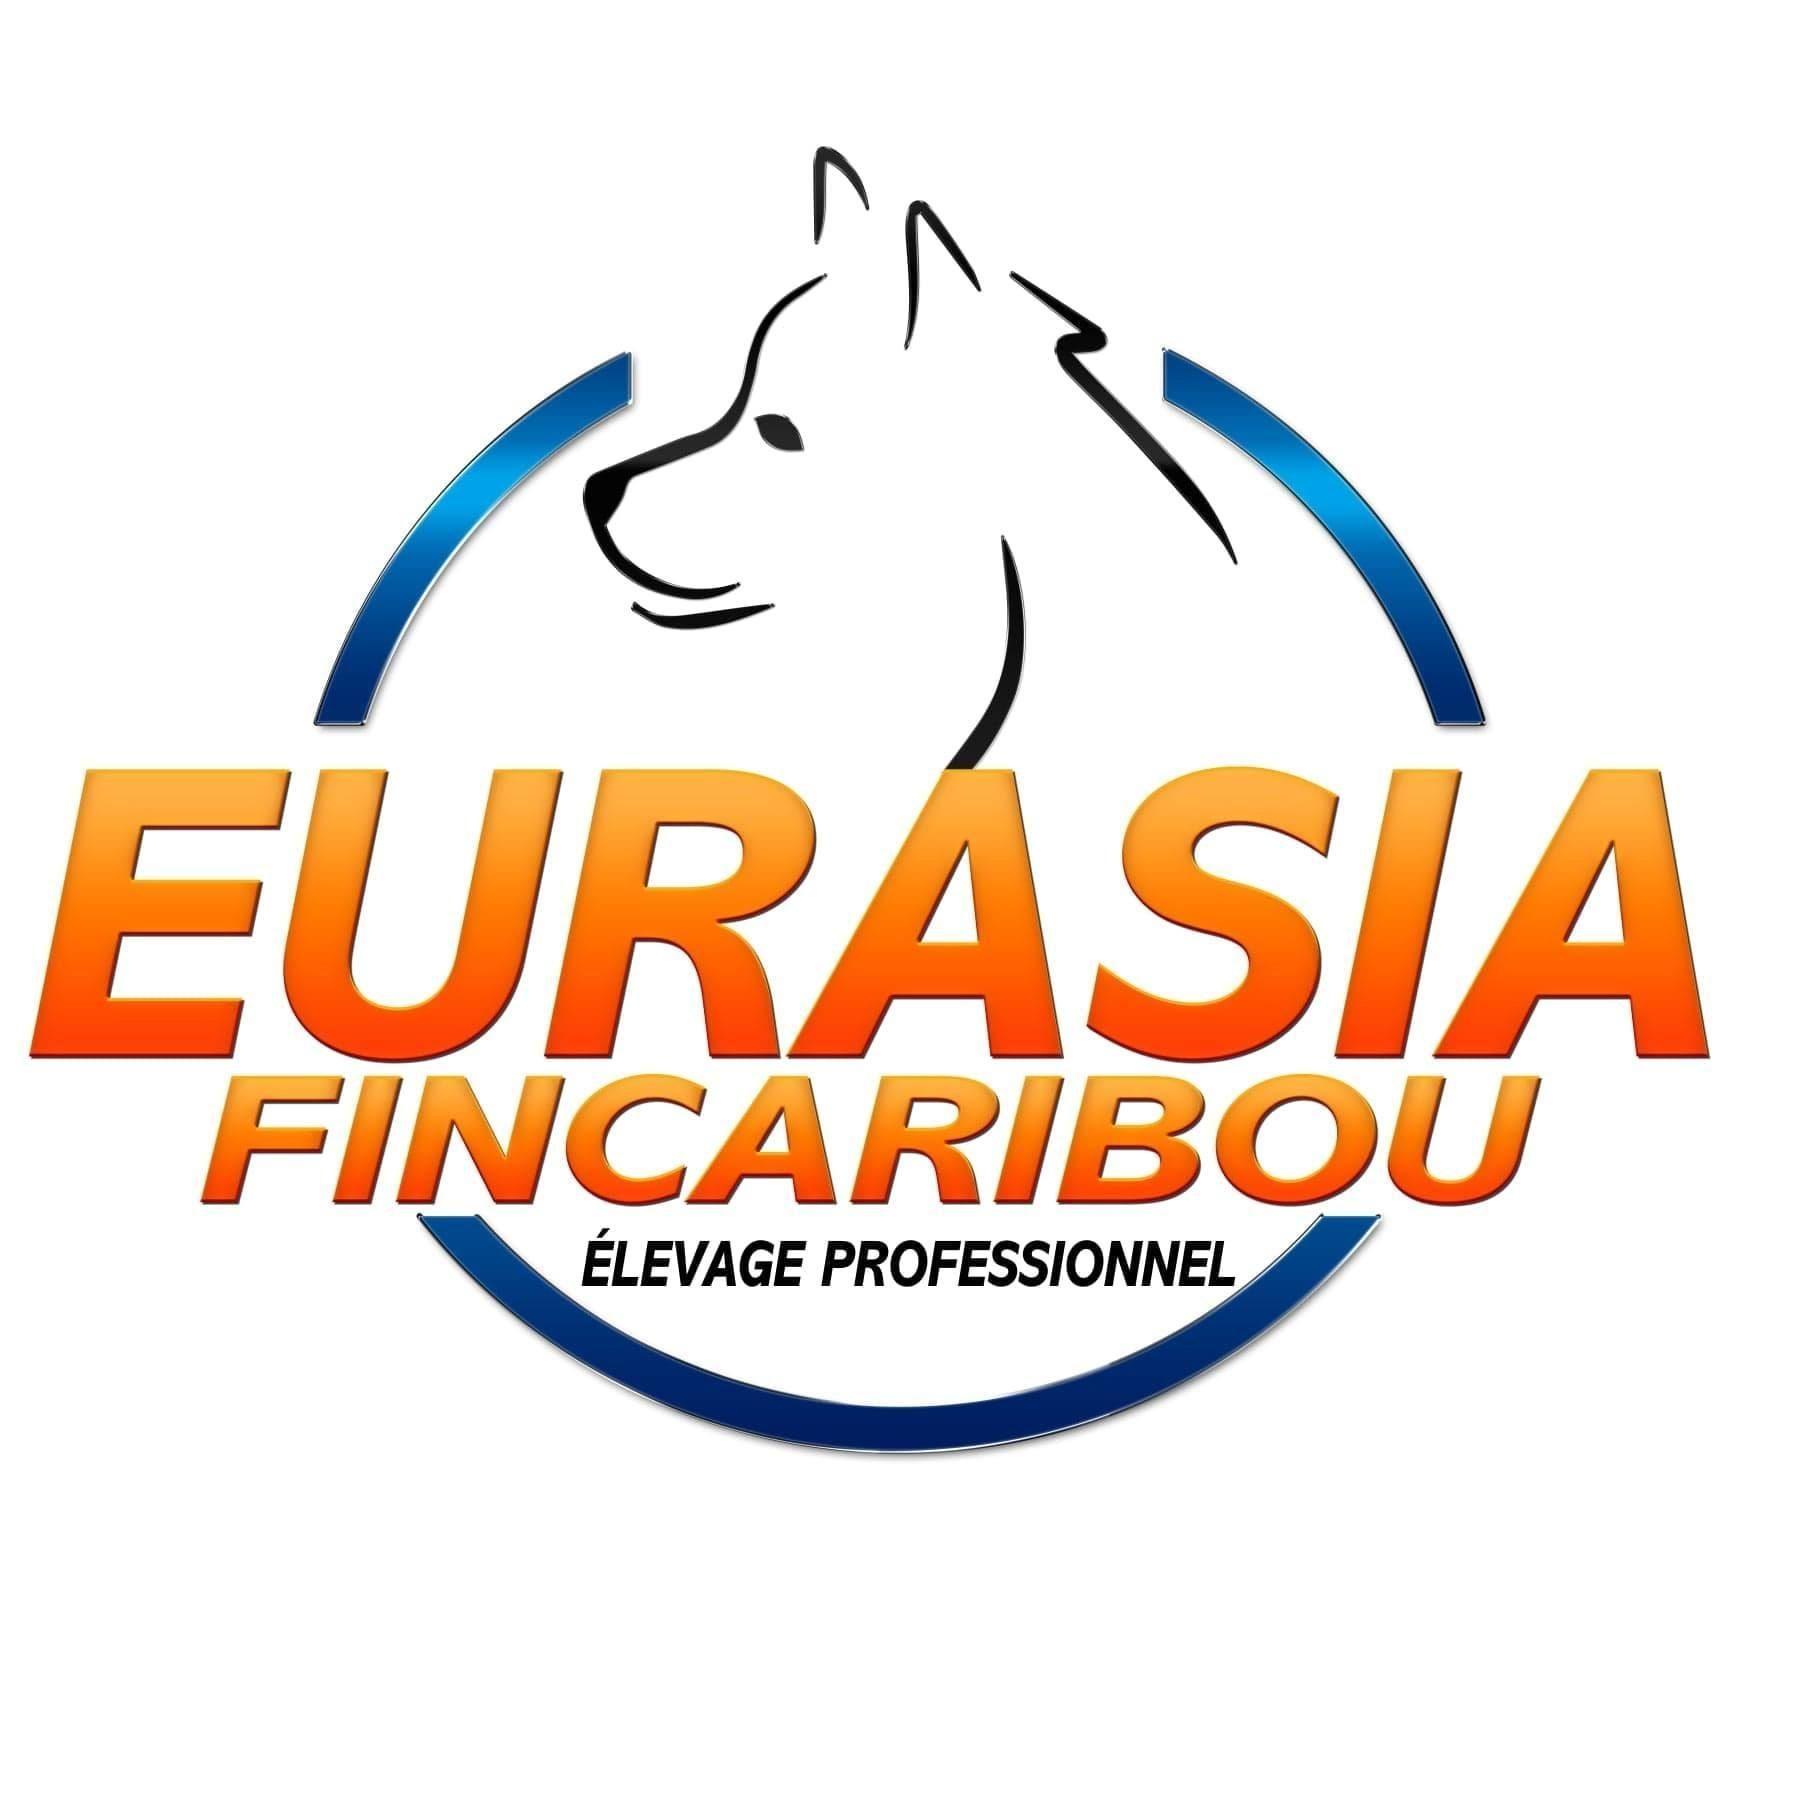 Eurasia-Fincaribou